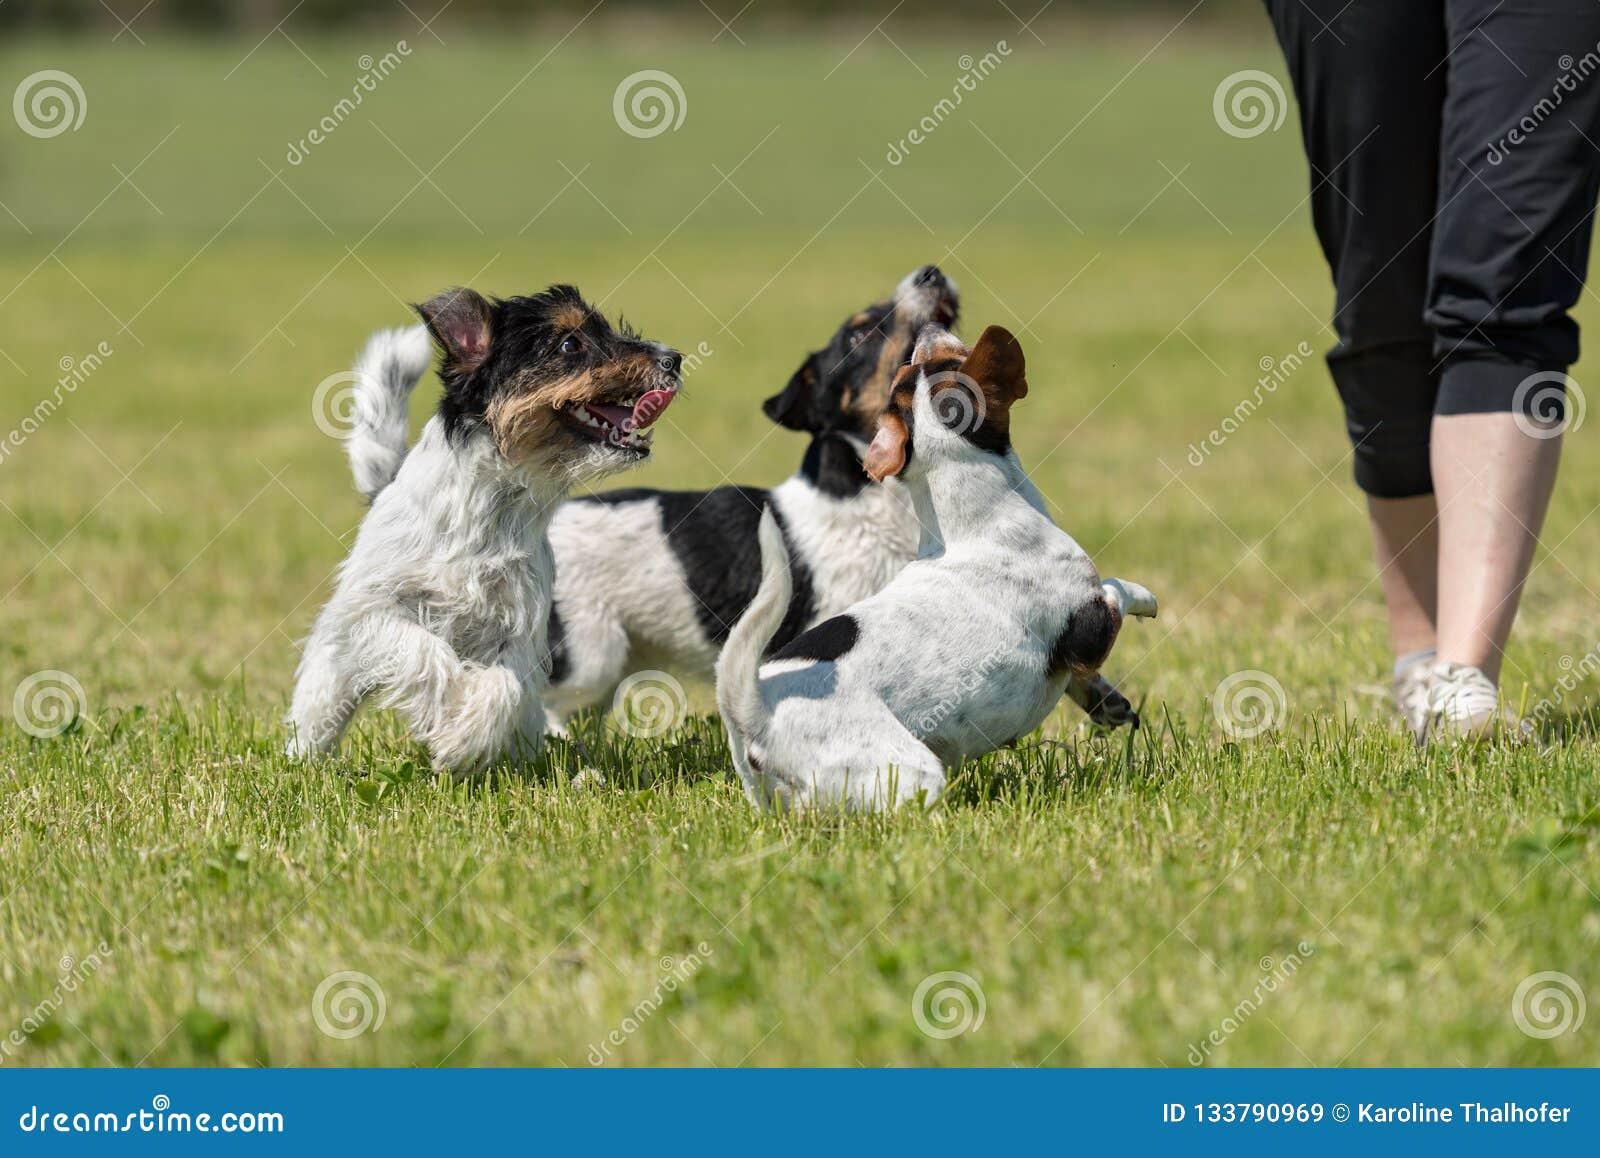 Paseo y juego del dueño con muchos perros en un prado